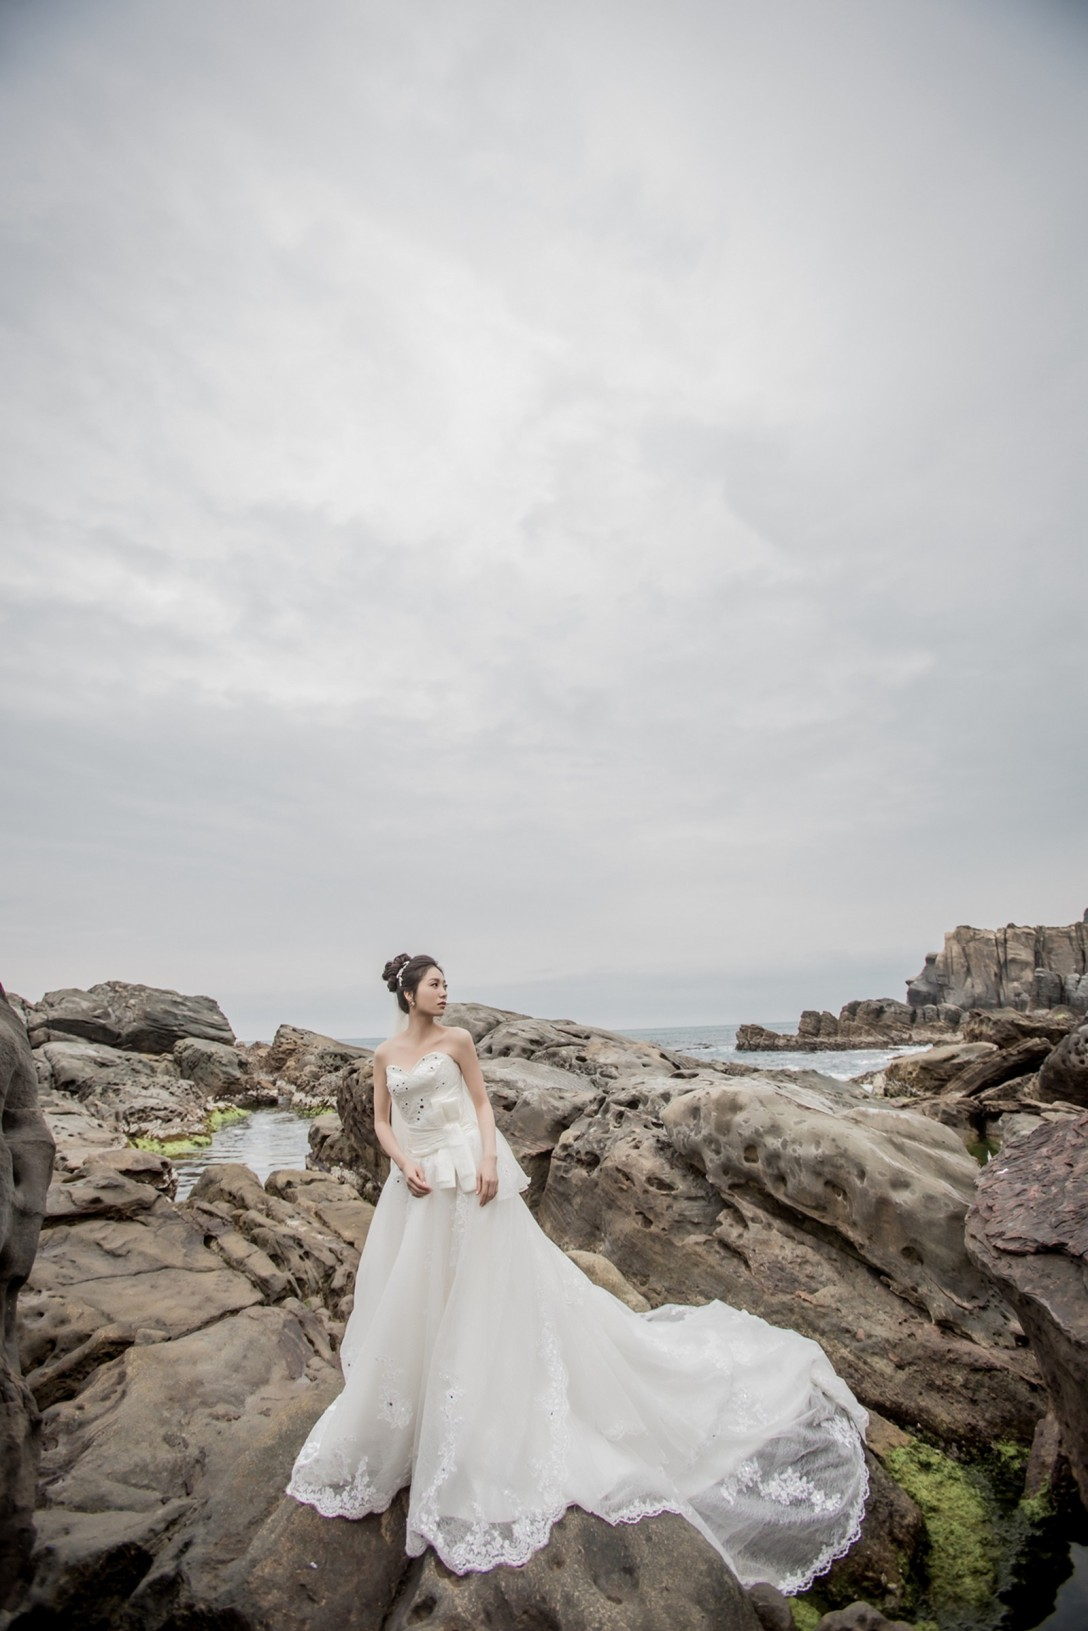 自助婚紗,自助婚紗推薦,自助婚紗風格,婚紗照,732